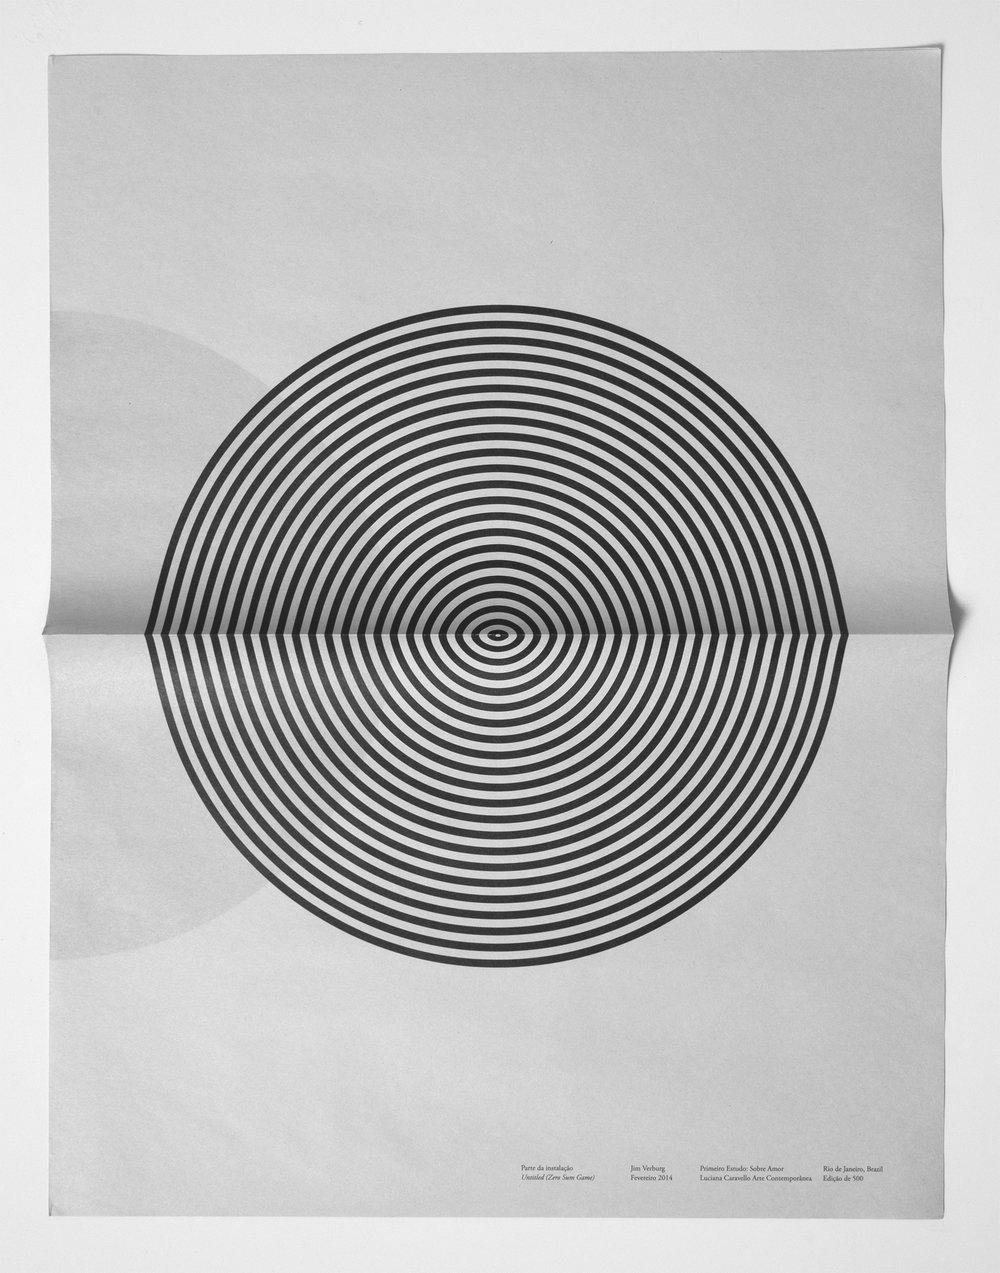 """Jim Verburg, Untitled (Zero Sum Game), 2011, journaux pliés empilés, dimensions variables, 35"""" x 22"""" (89 x 56 cm) ouverts."""